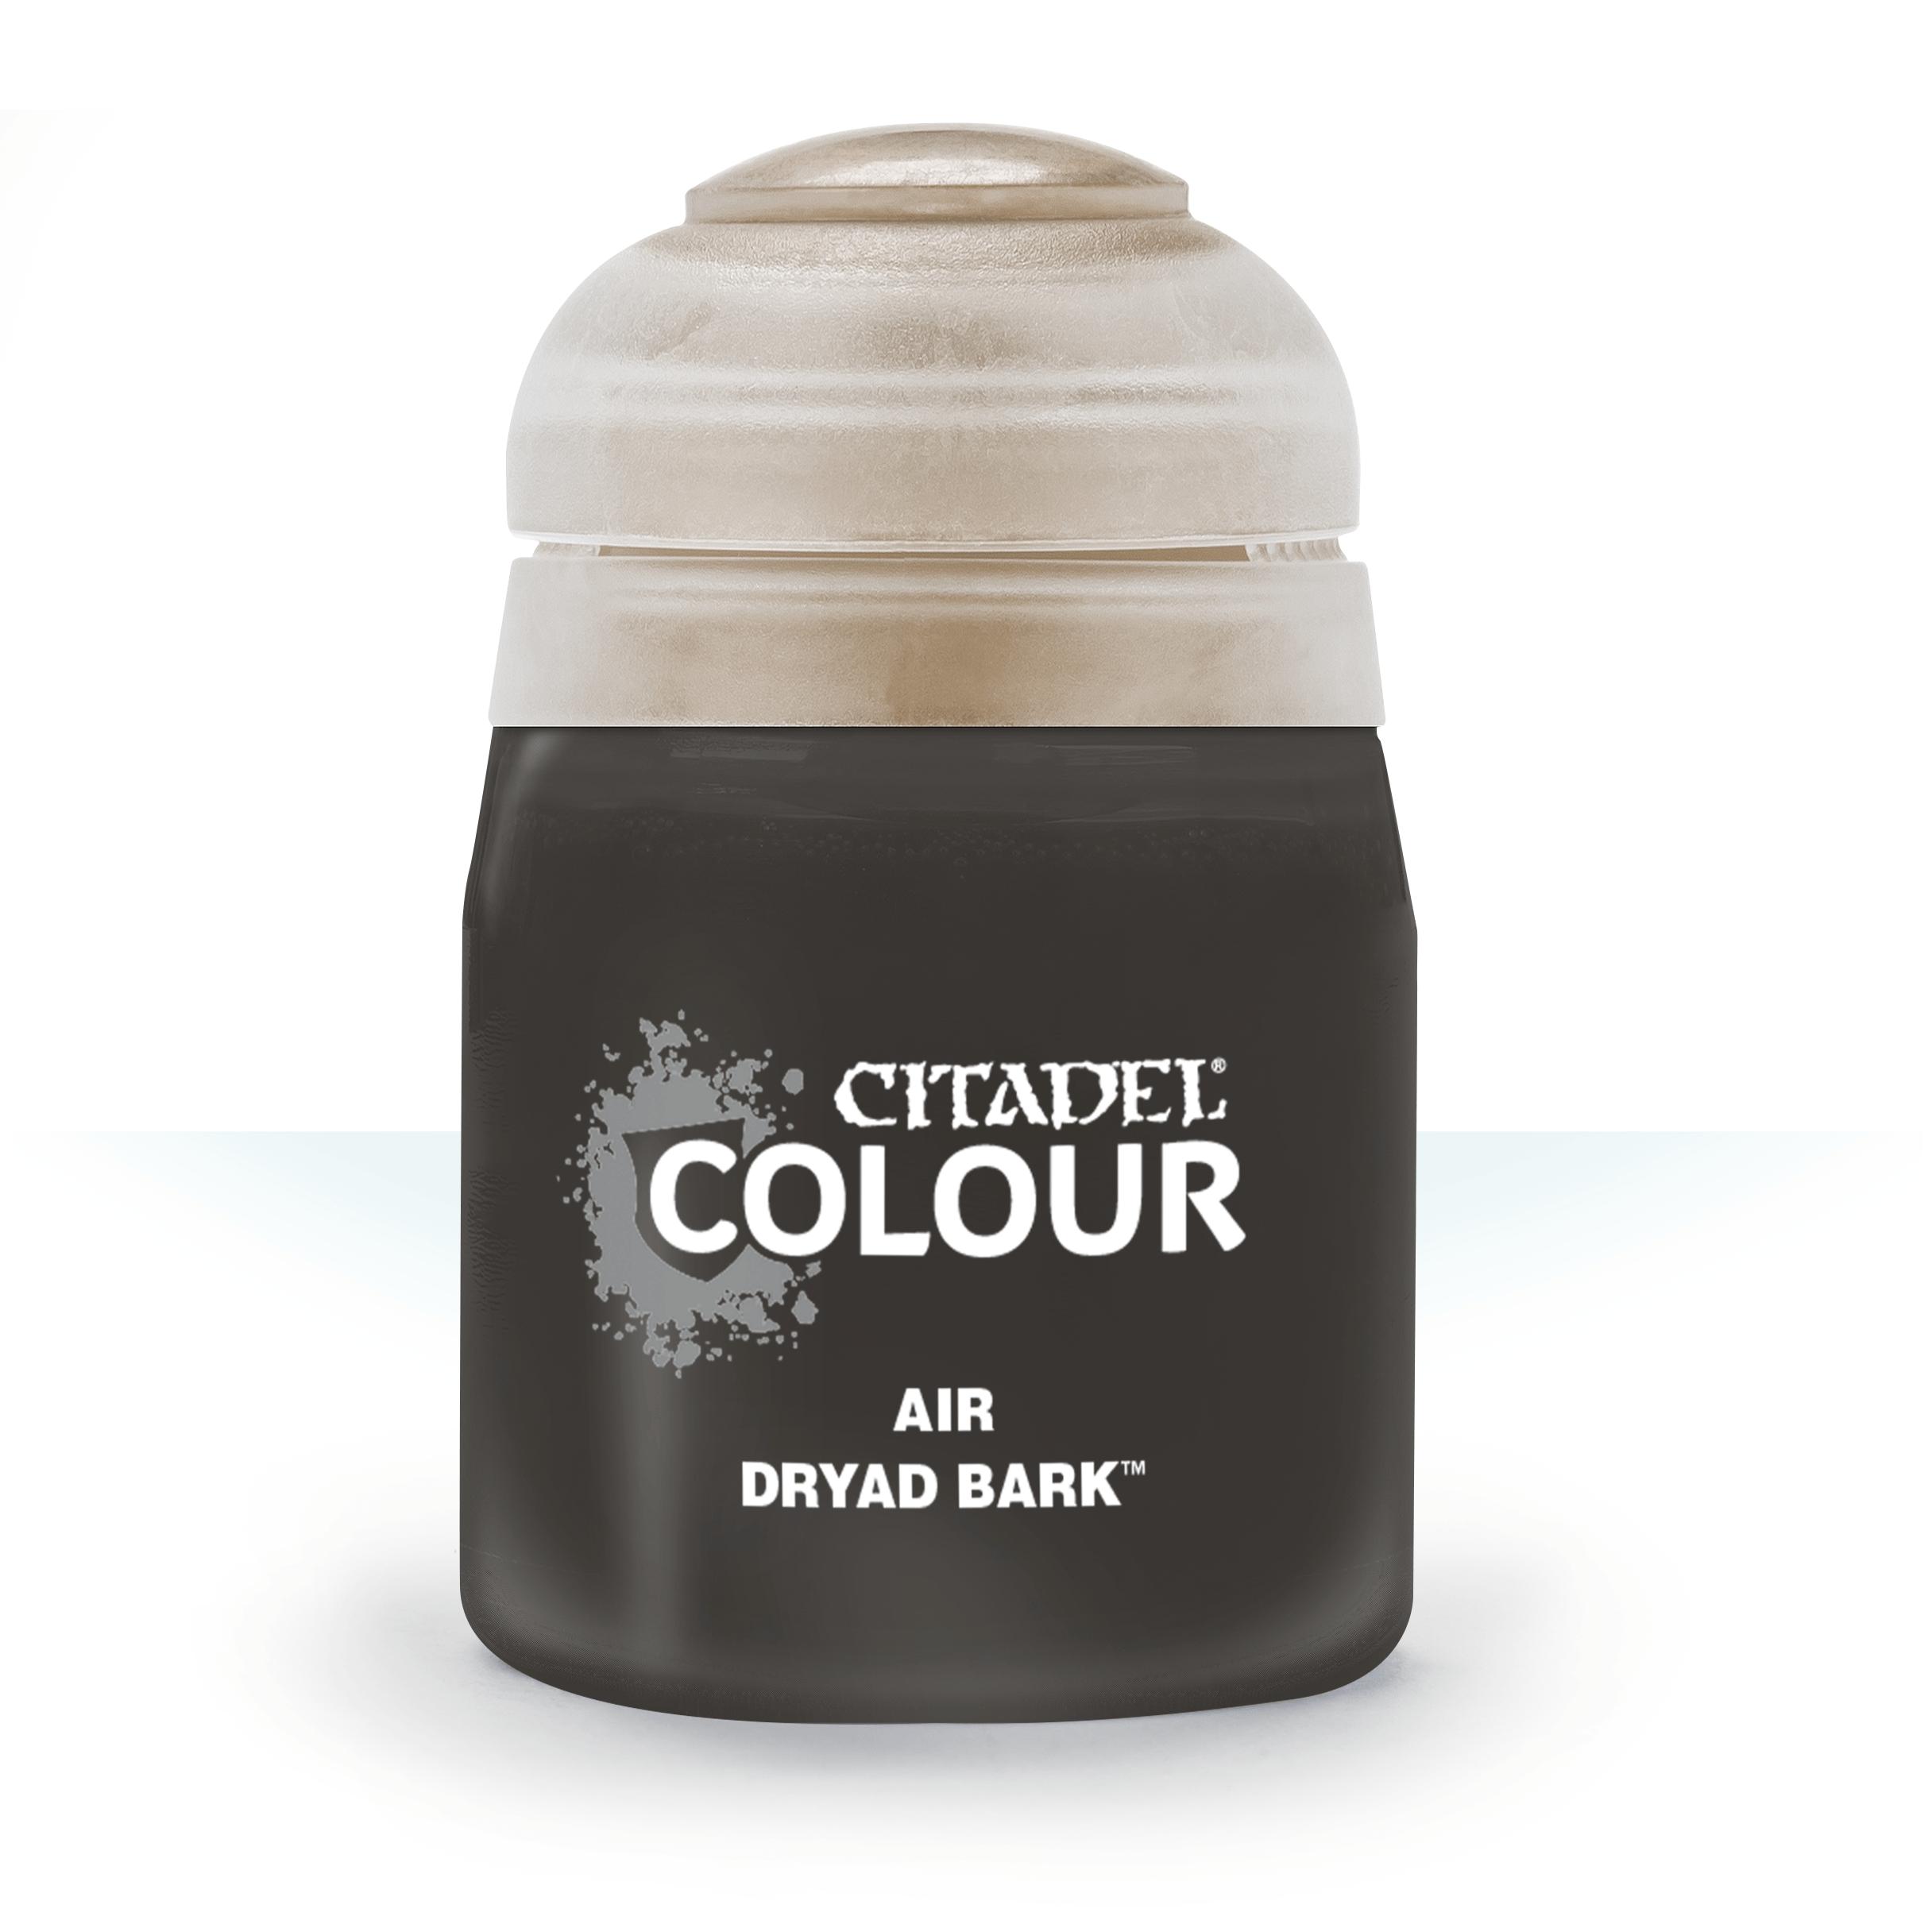 Dryad Bark, Citadel Air 24ml